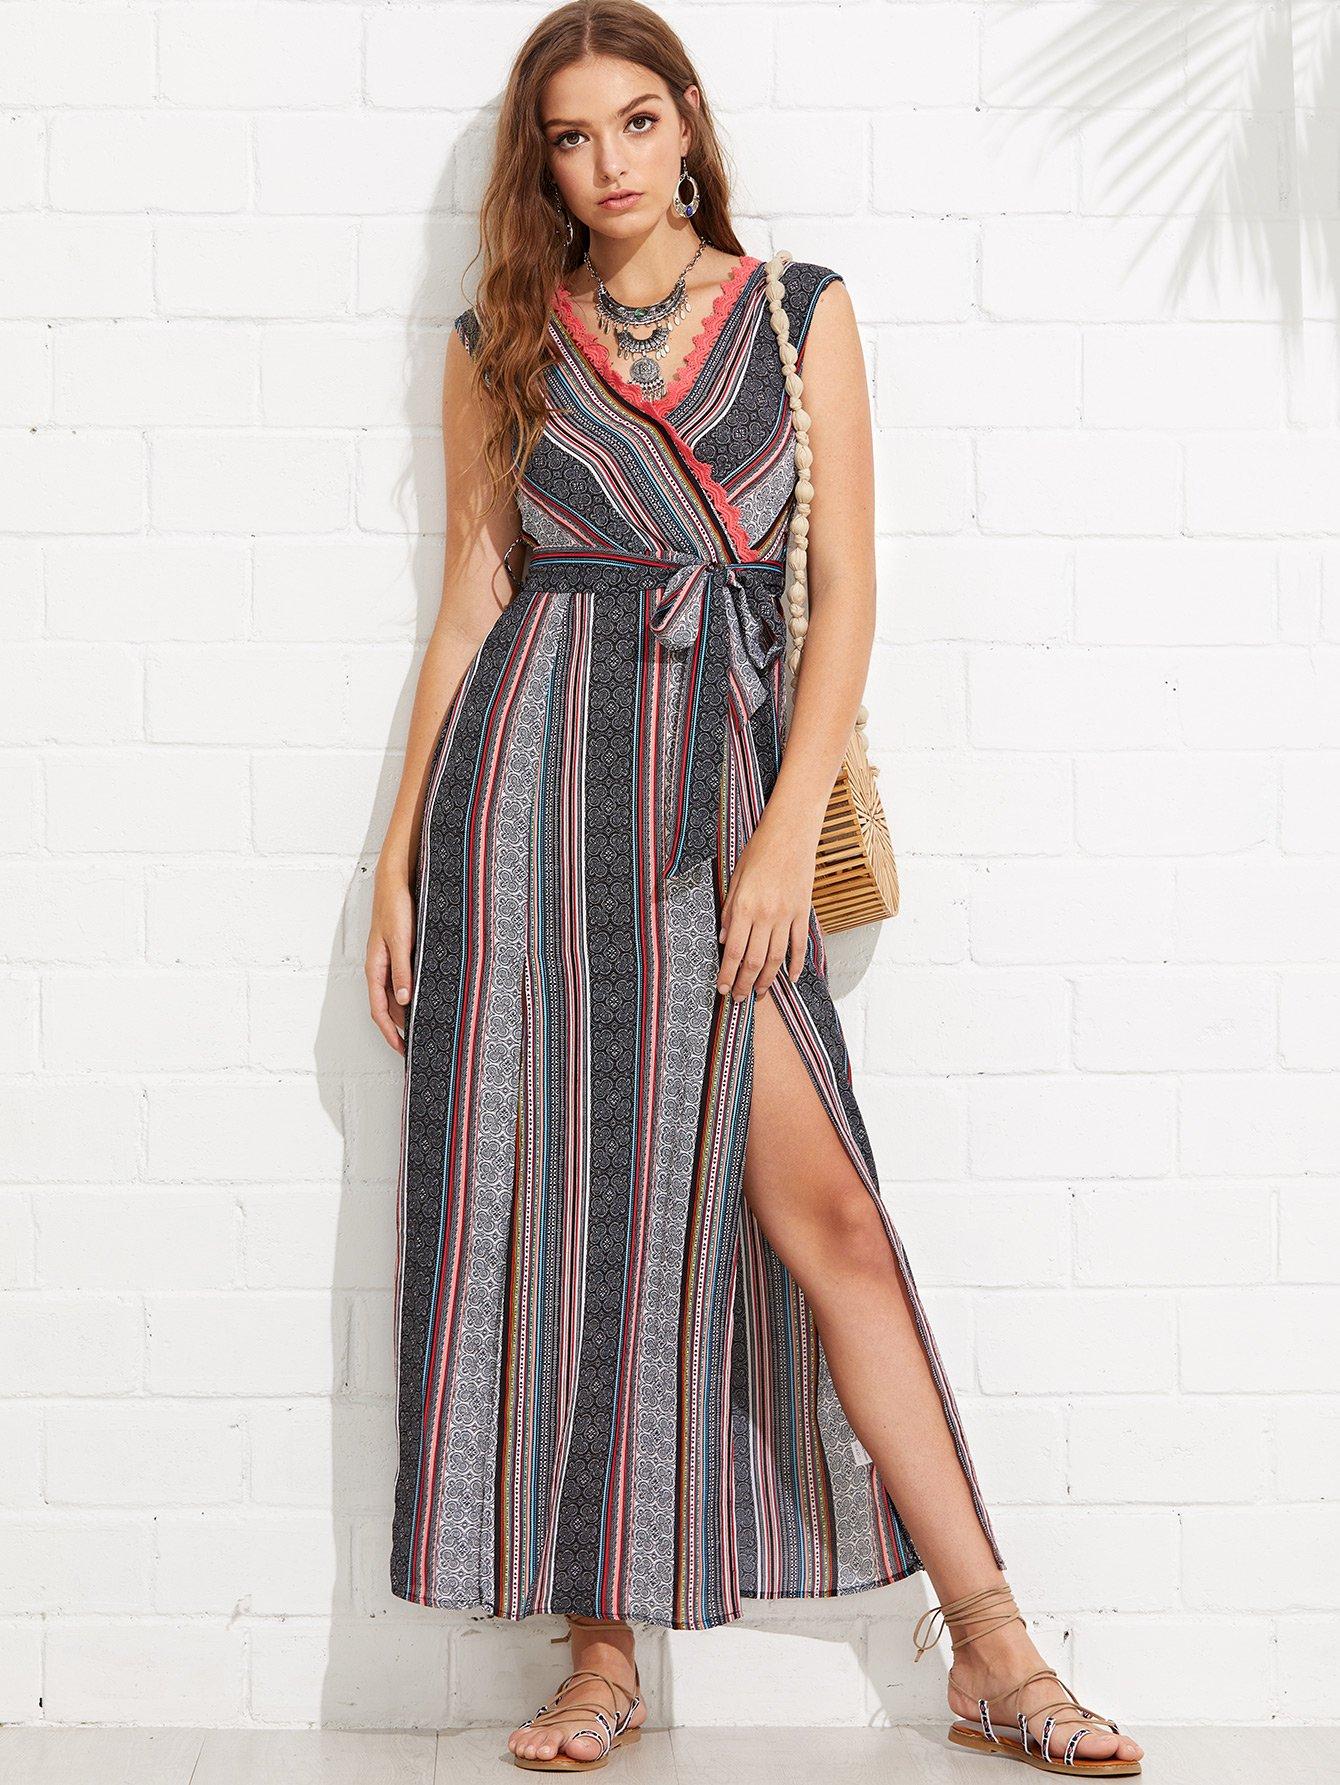 Tribal Print Tied V Back M-Slit Wrap Dress simple pure color back slit tied dress for women